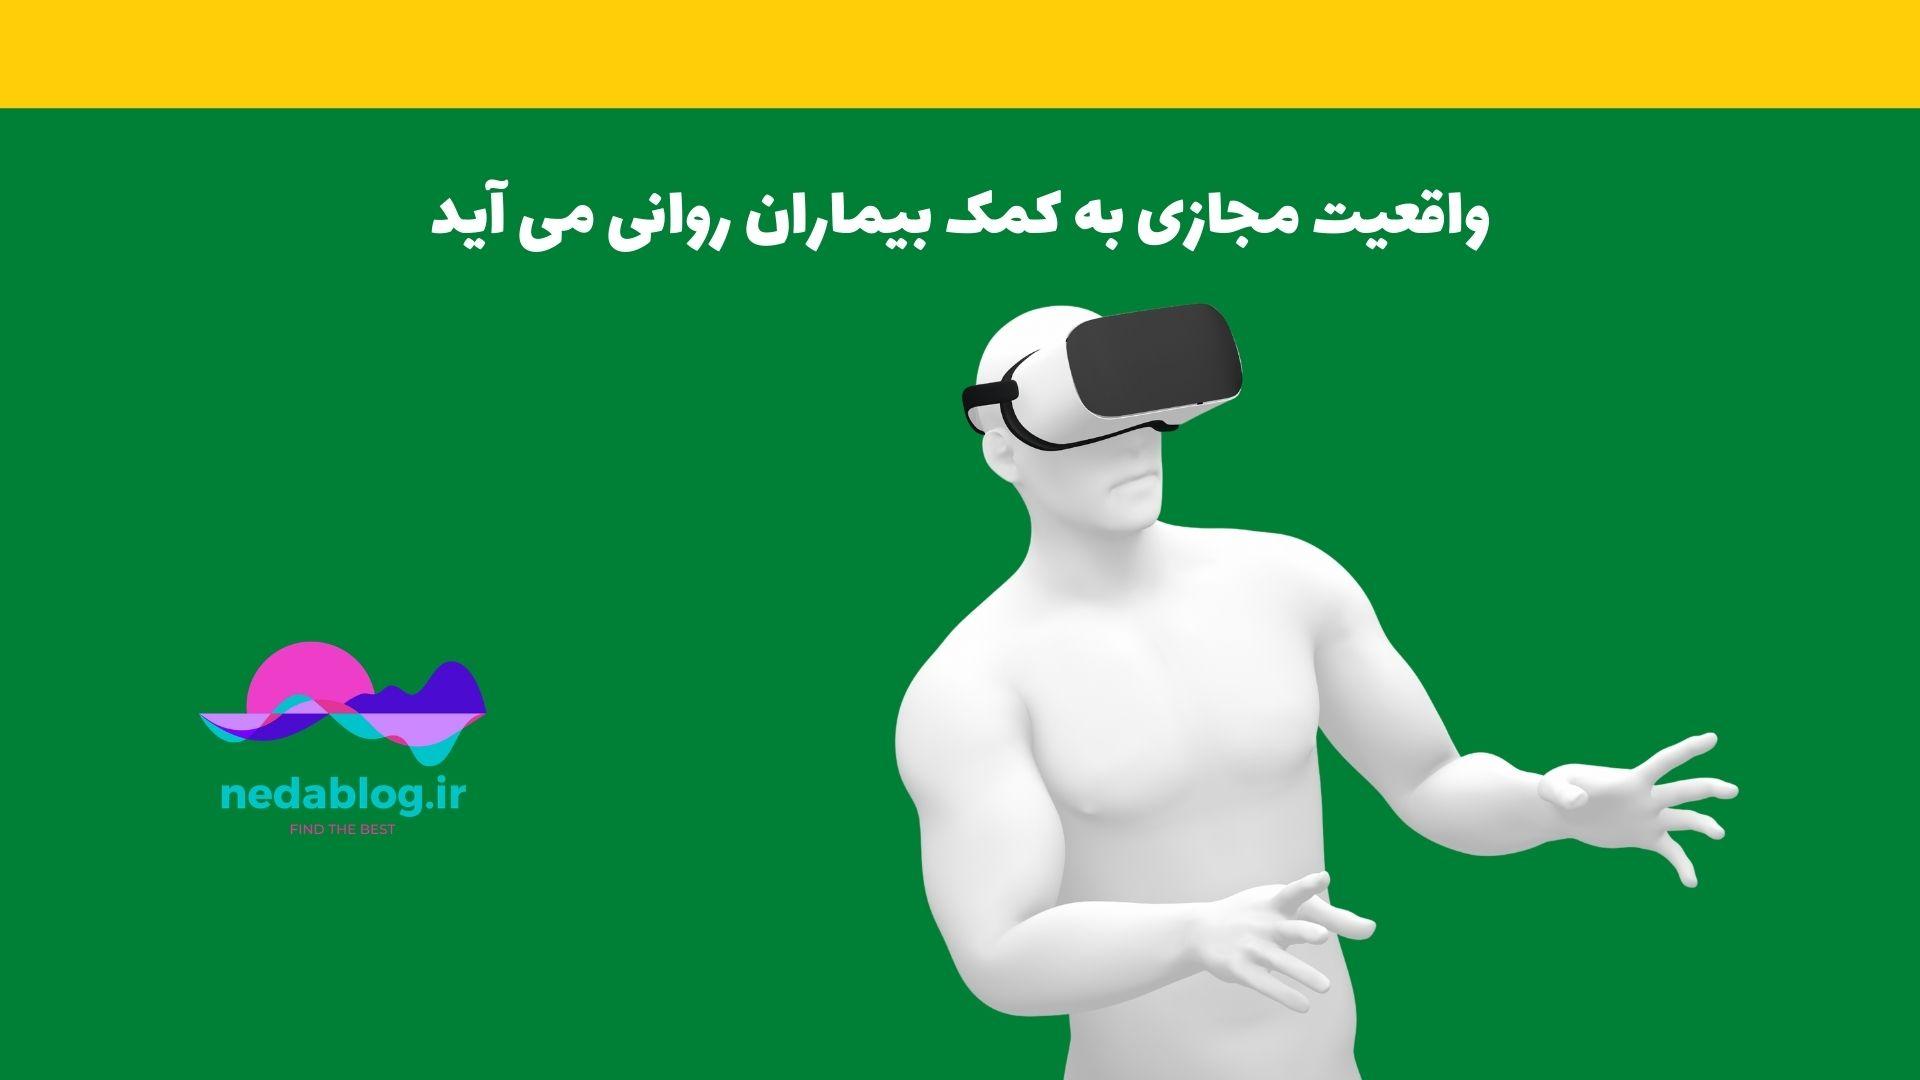 واقعیت مجازی به کمک بیماران روانی می آید